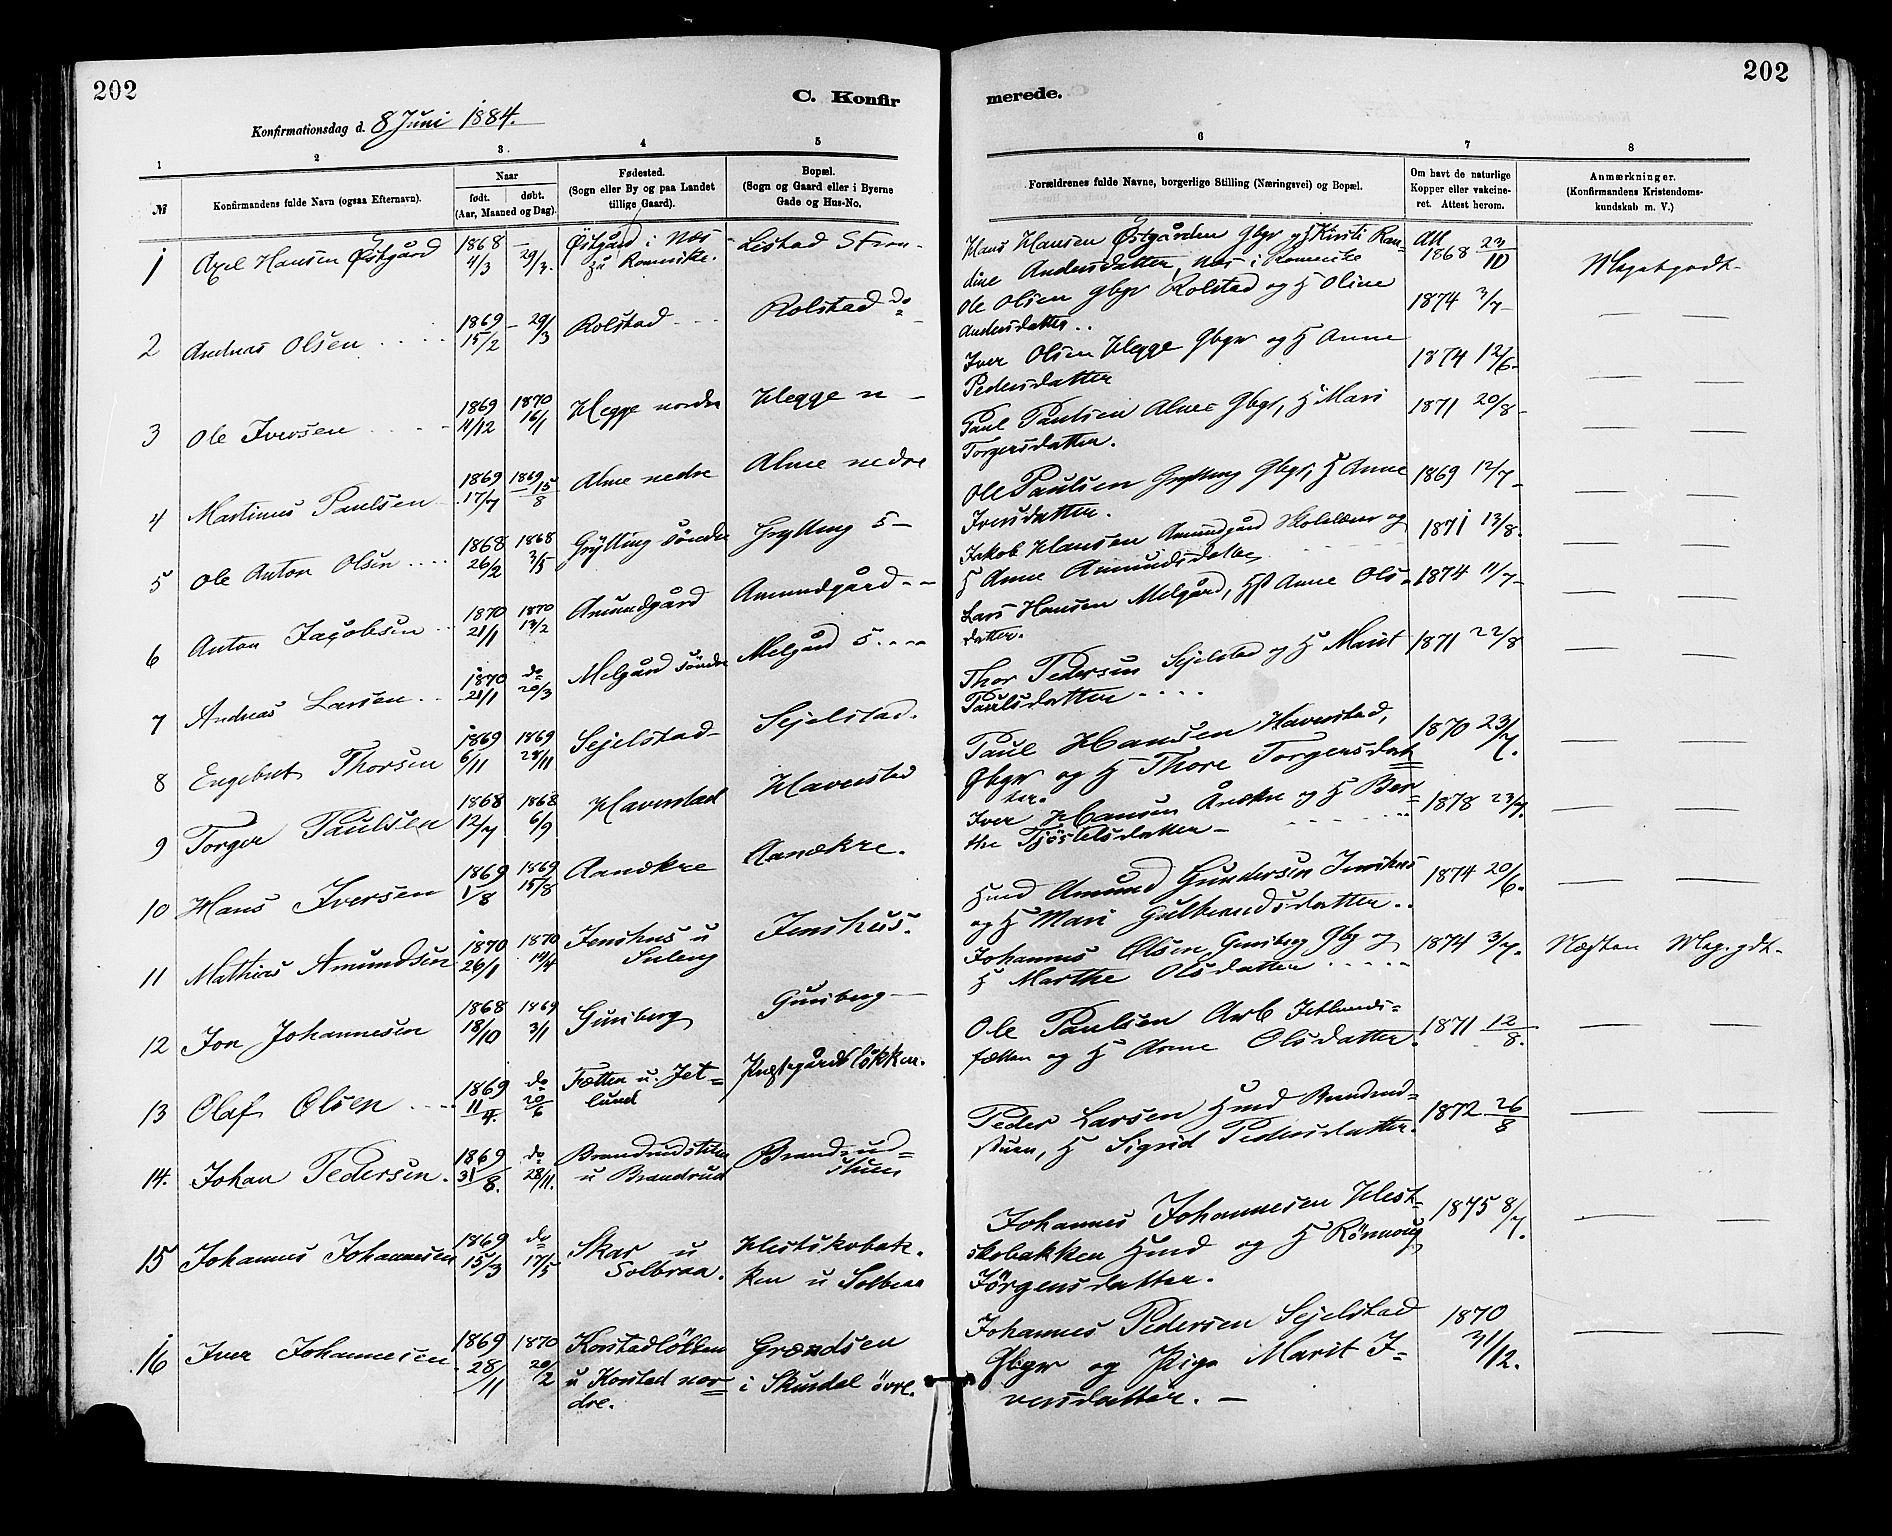 SAH, Sør-Fron prestekontor, H/Ha/Haa/L0003: Ministerialbok nr. 3, 1881-1897, s. 202